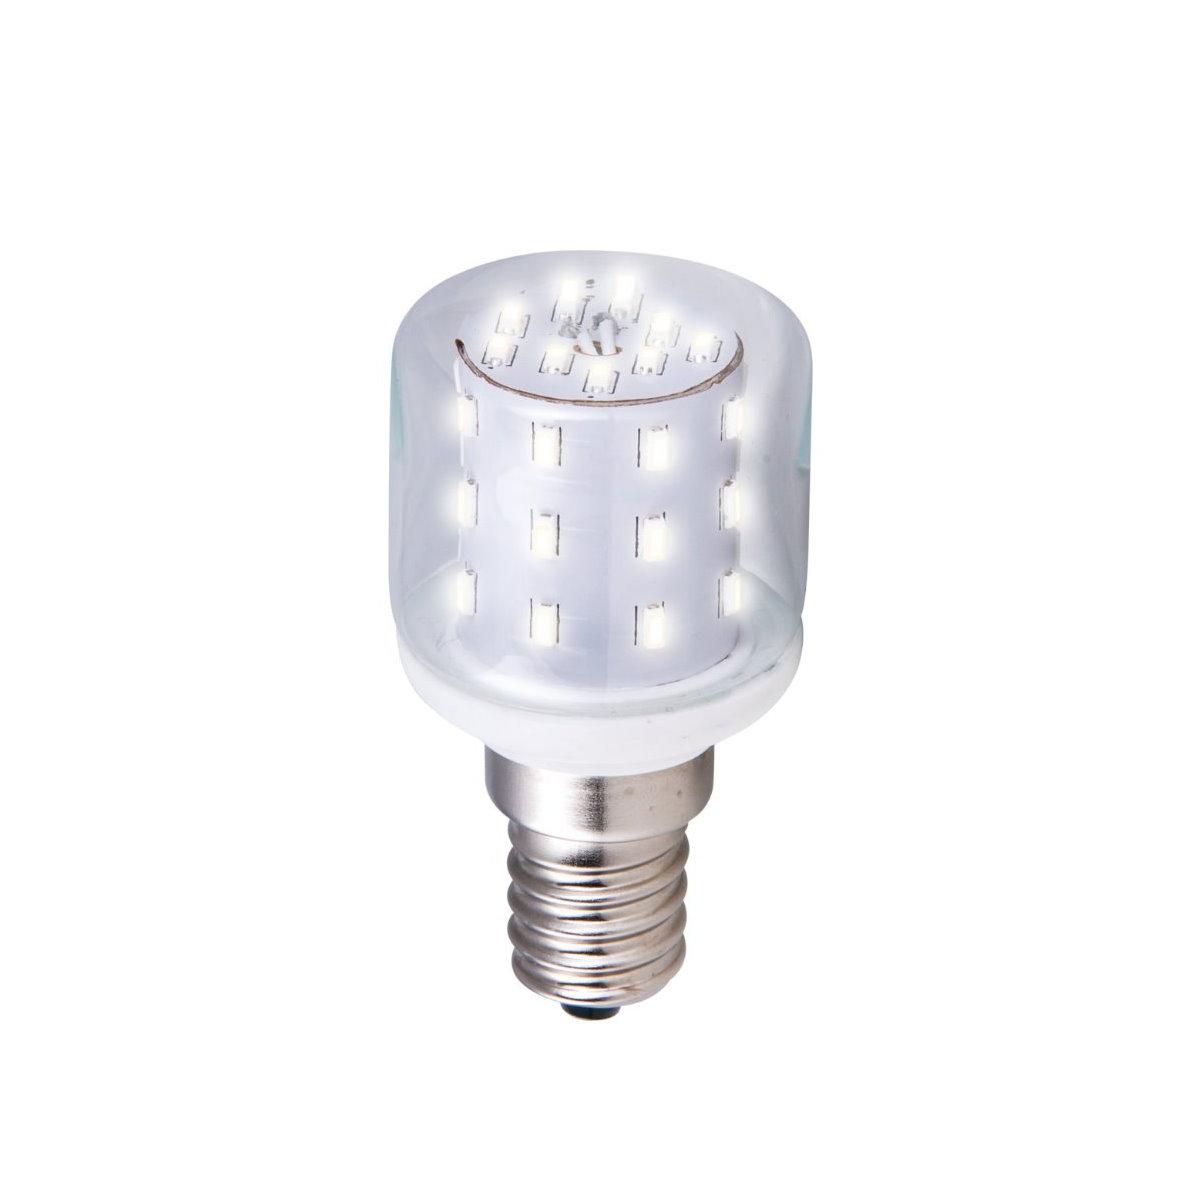 smd led leuchtmittel mini e14 kerze birne kompakt klein spot strahler 50 85mm ebay. Black Bedroom Furniture Sets. Home Design Ideas